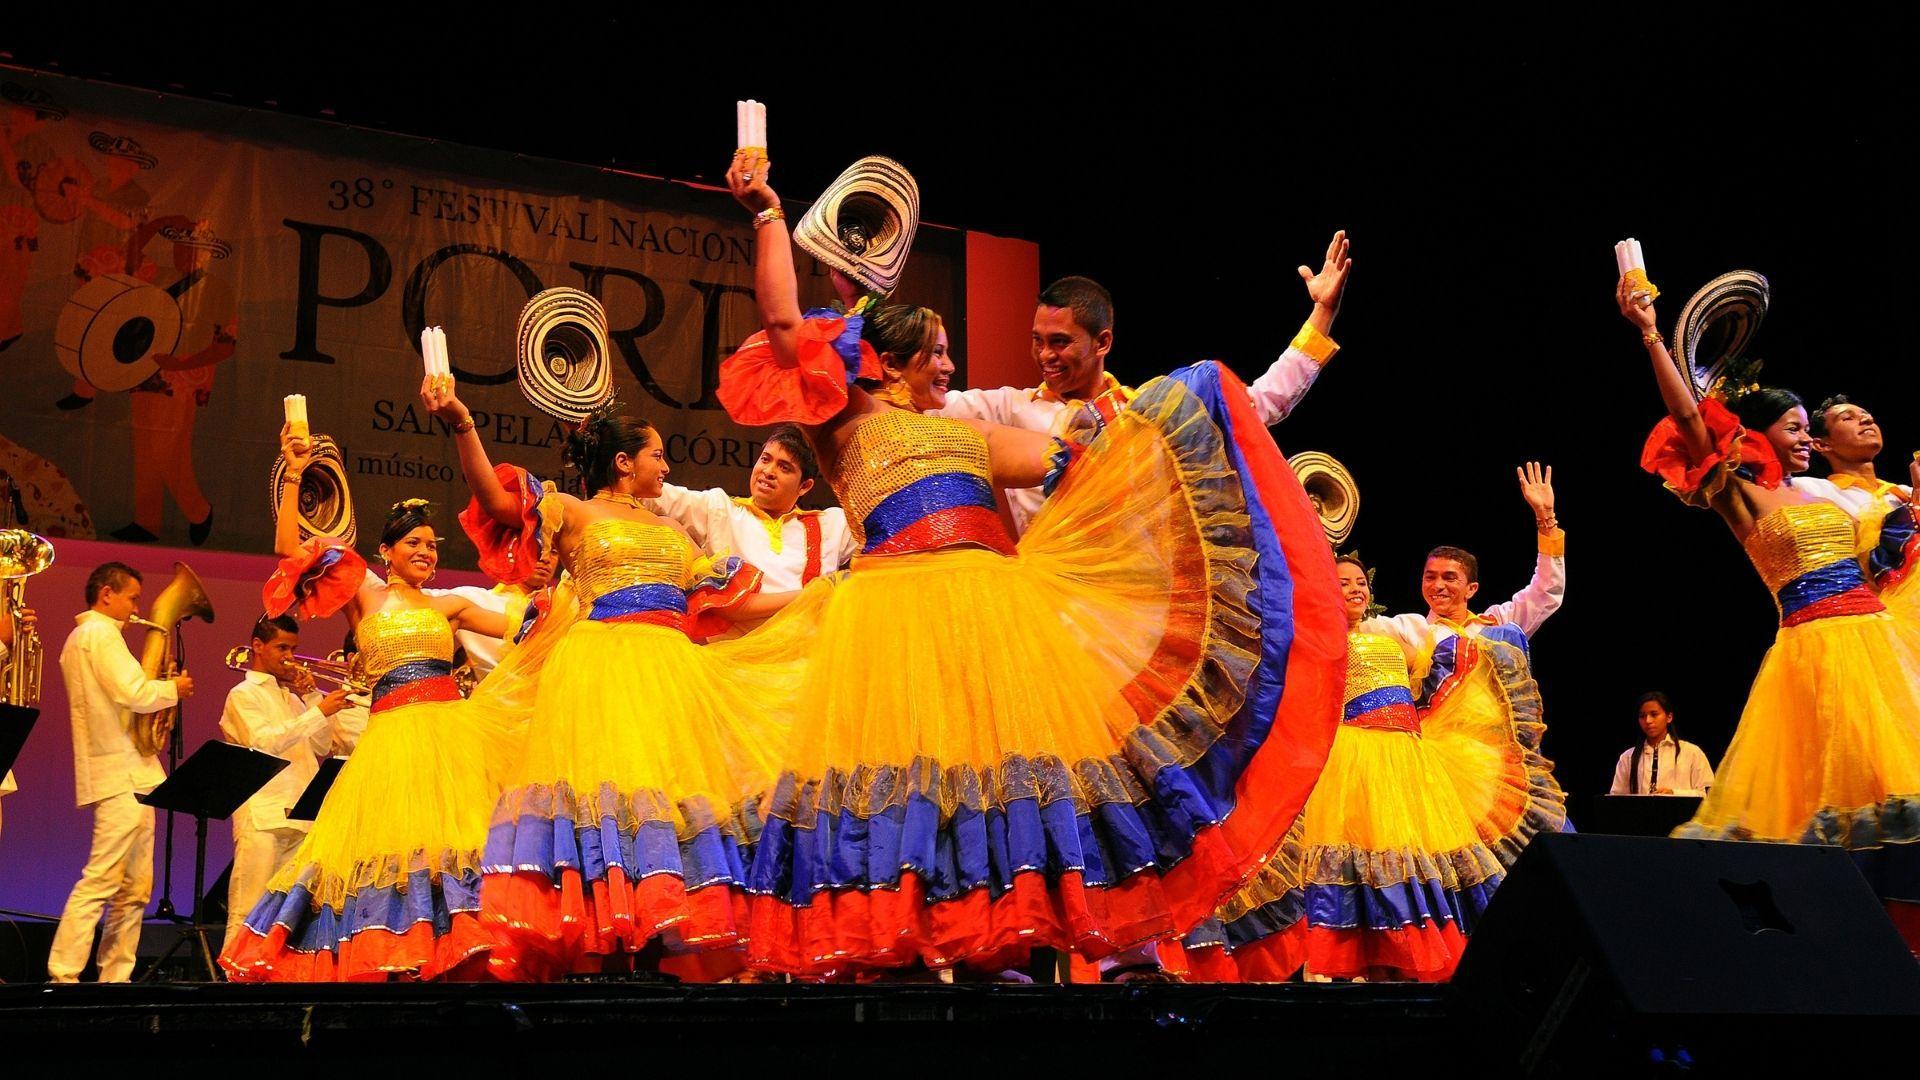 Bogotá Mayo 24/2014. En el Teatro Colsubsidio Roberto Arias Perez,se llevo a cabo el lenzamiento del 38° Festival del PORRO en San Pelayo Cordoba.Colprensa/José Herchel Ruiz.